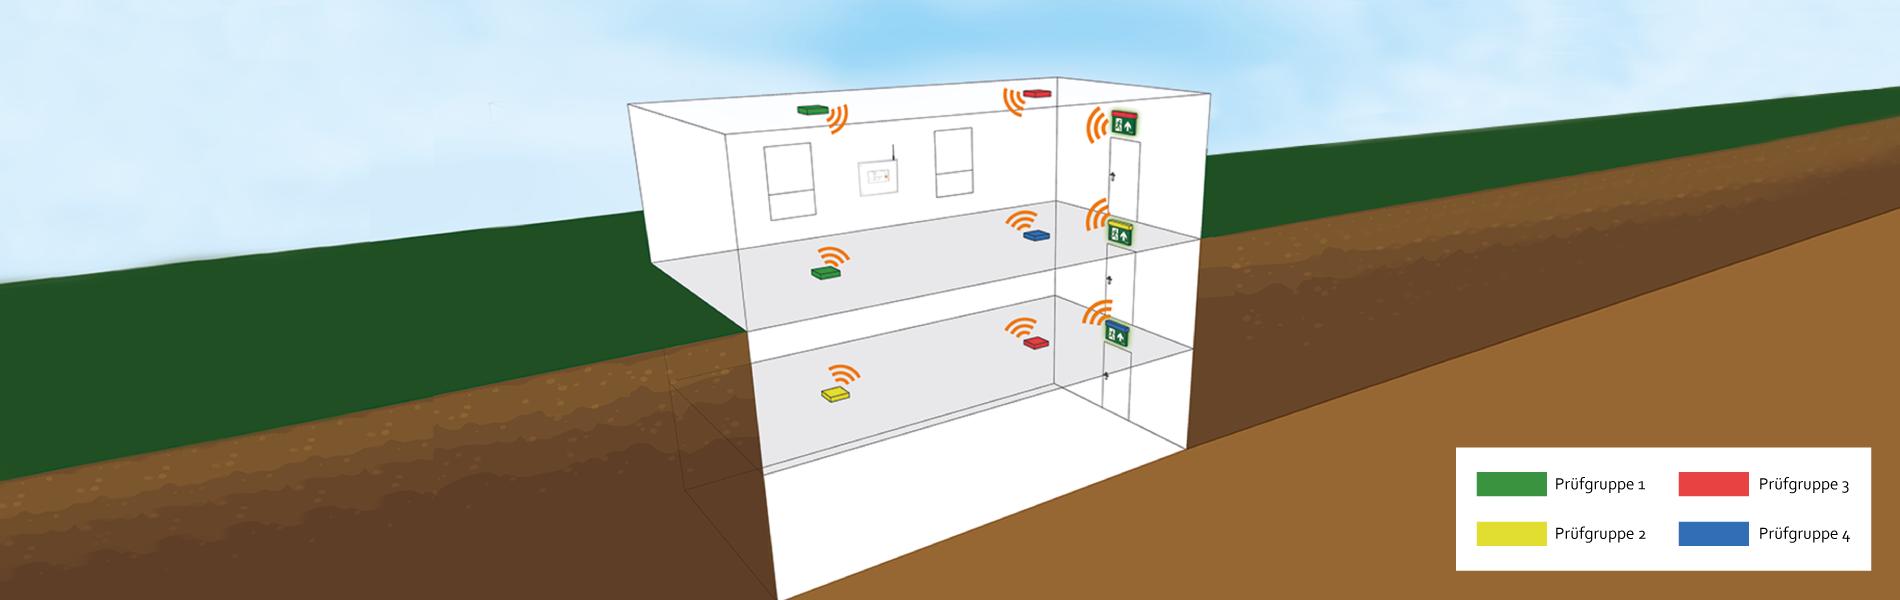 Schemabild automatische Prüfgruppen, Notbeleuchtung